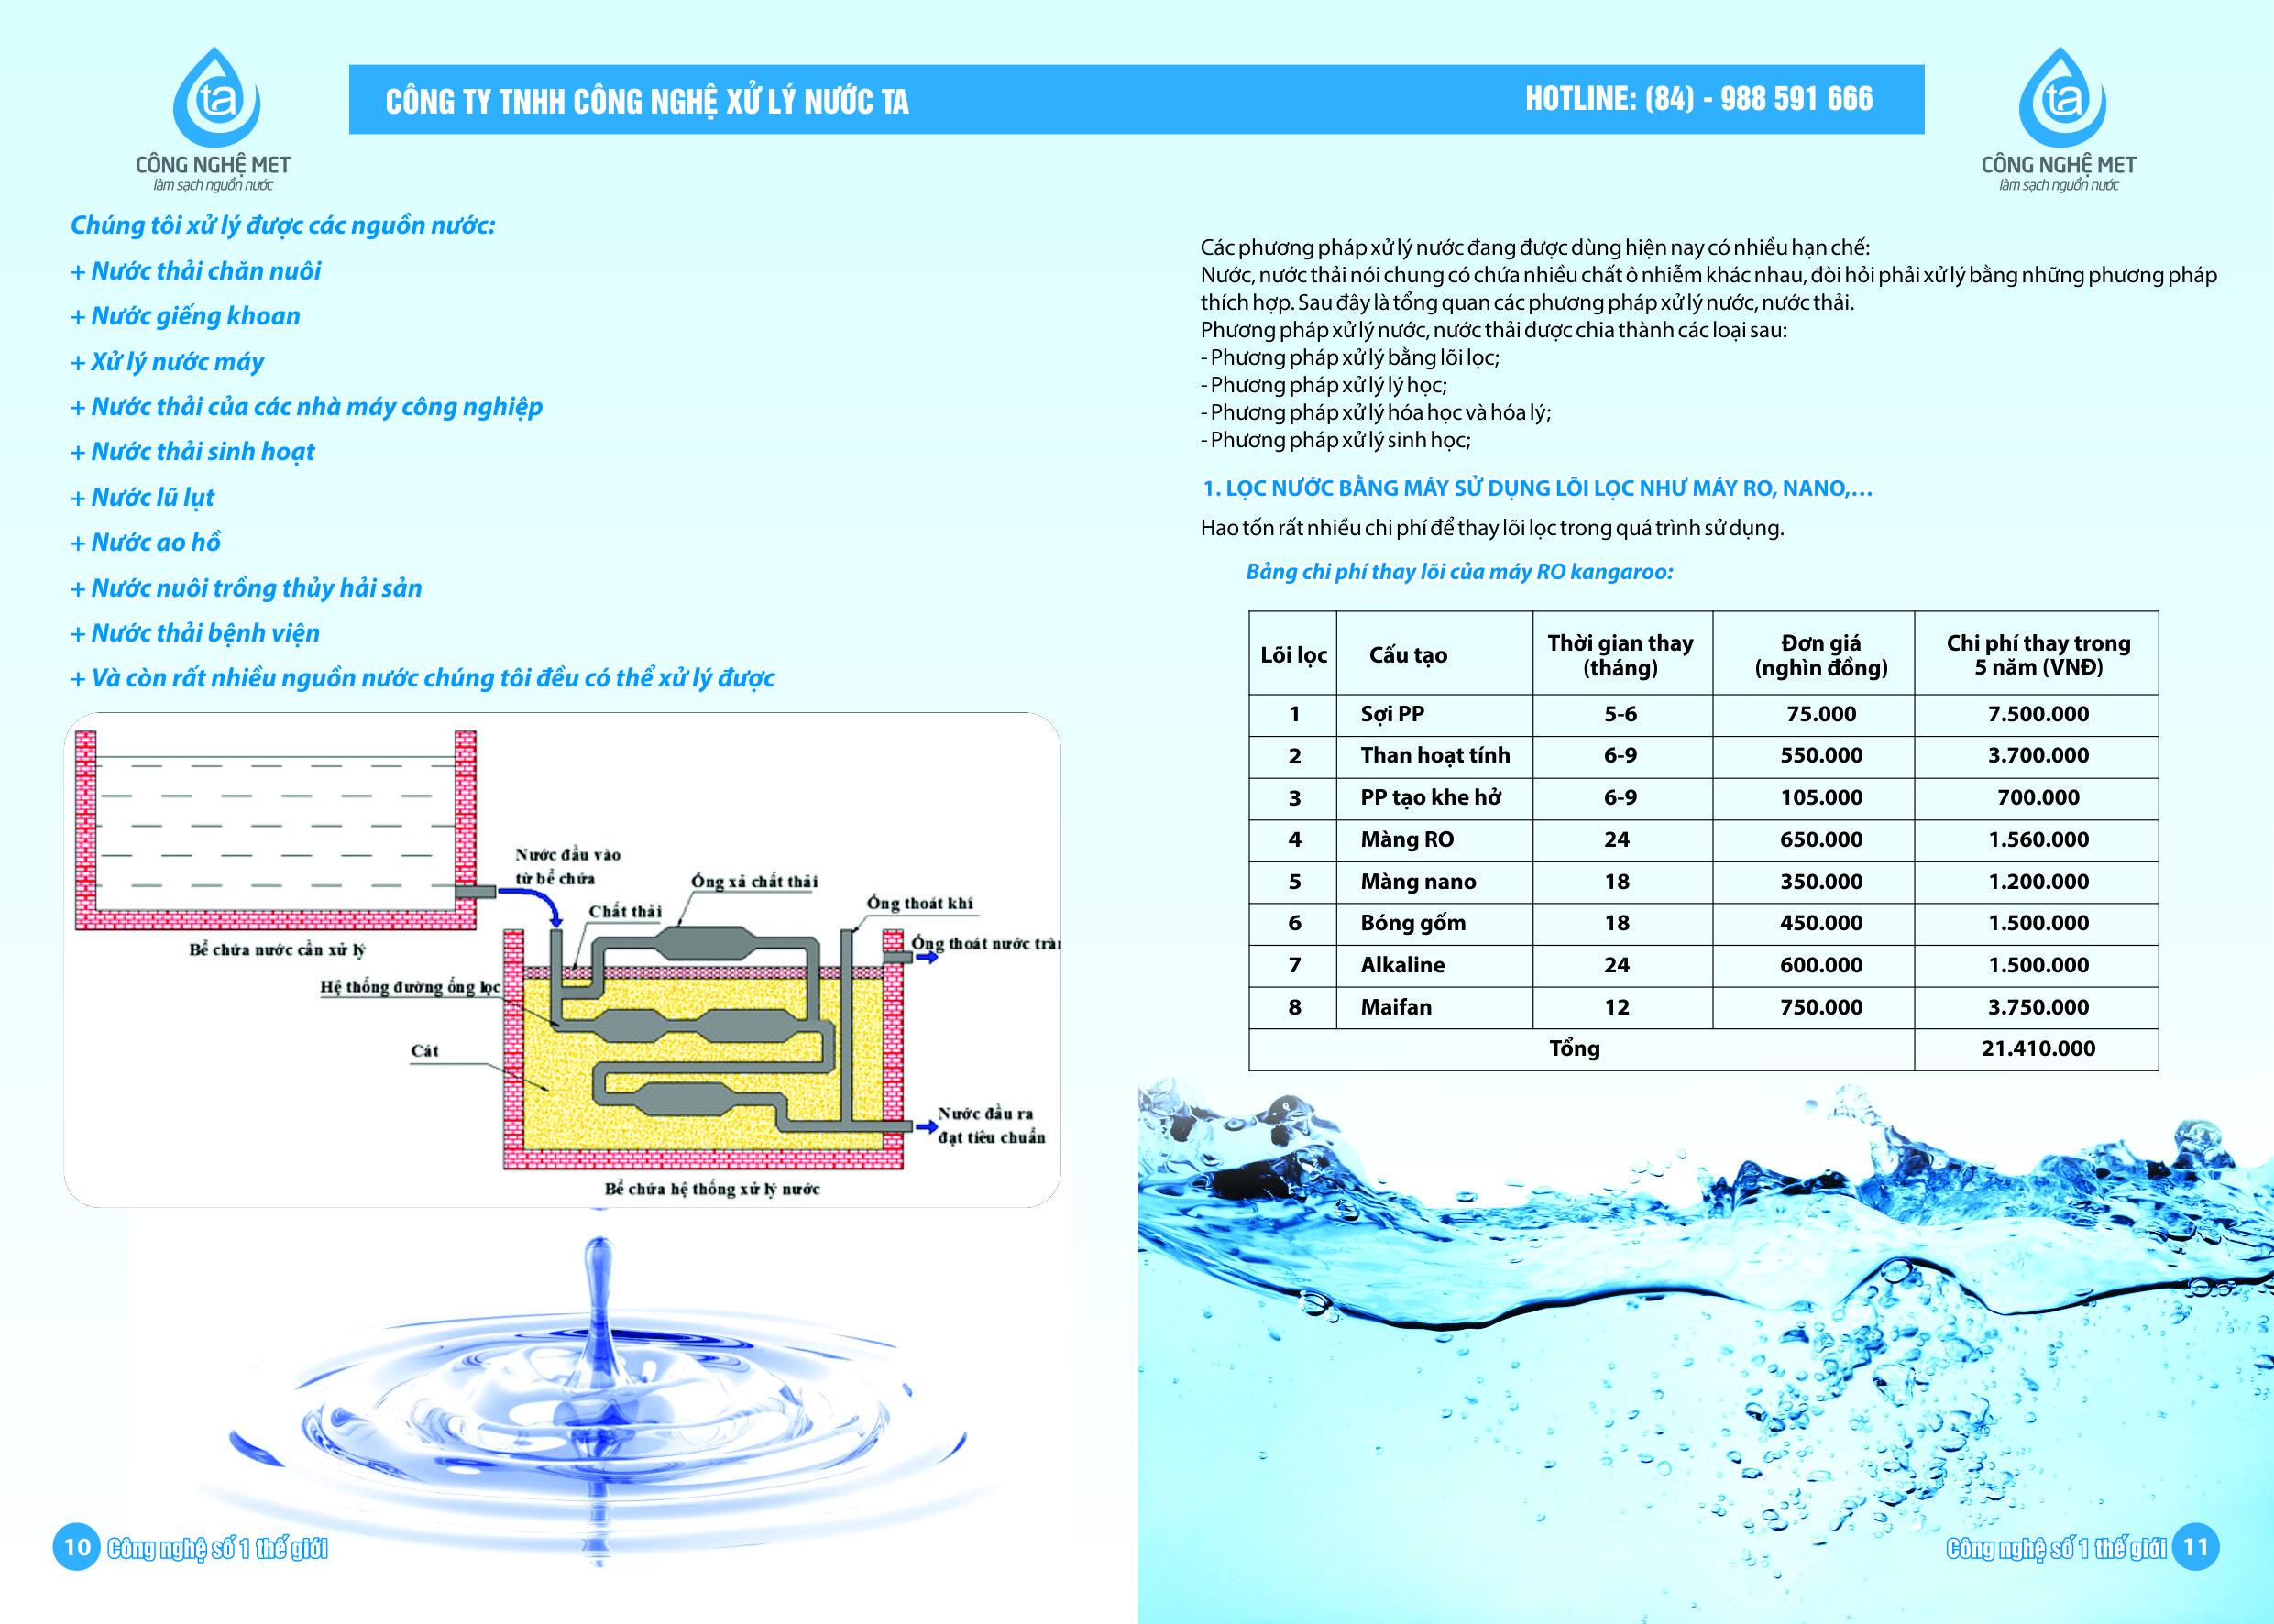 Rửa lọc trong xử lý nước cấp